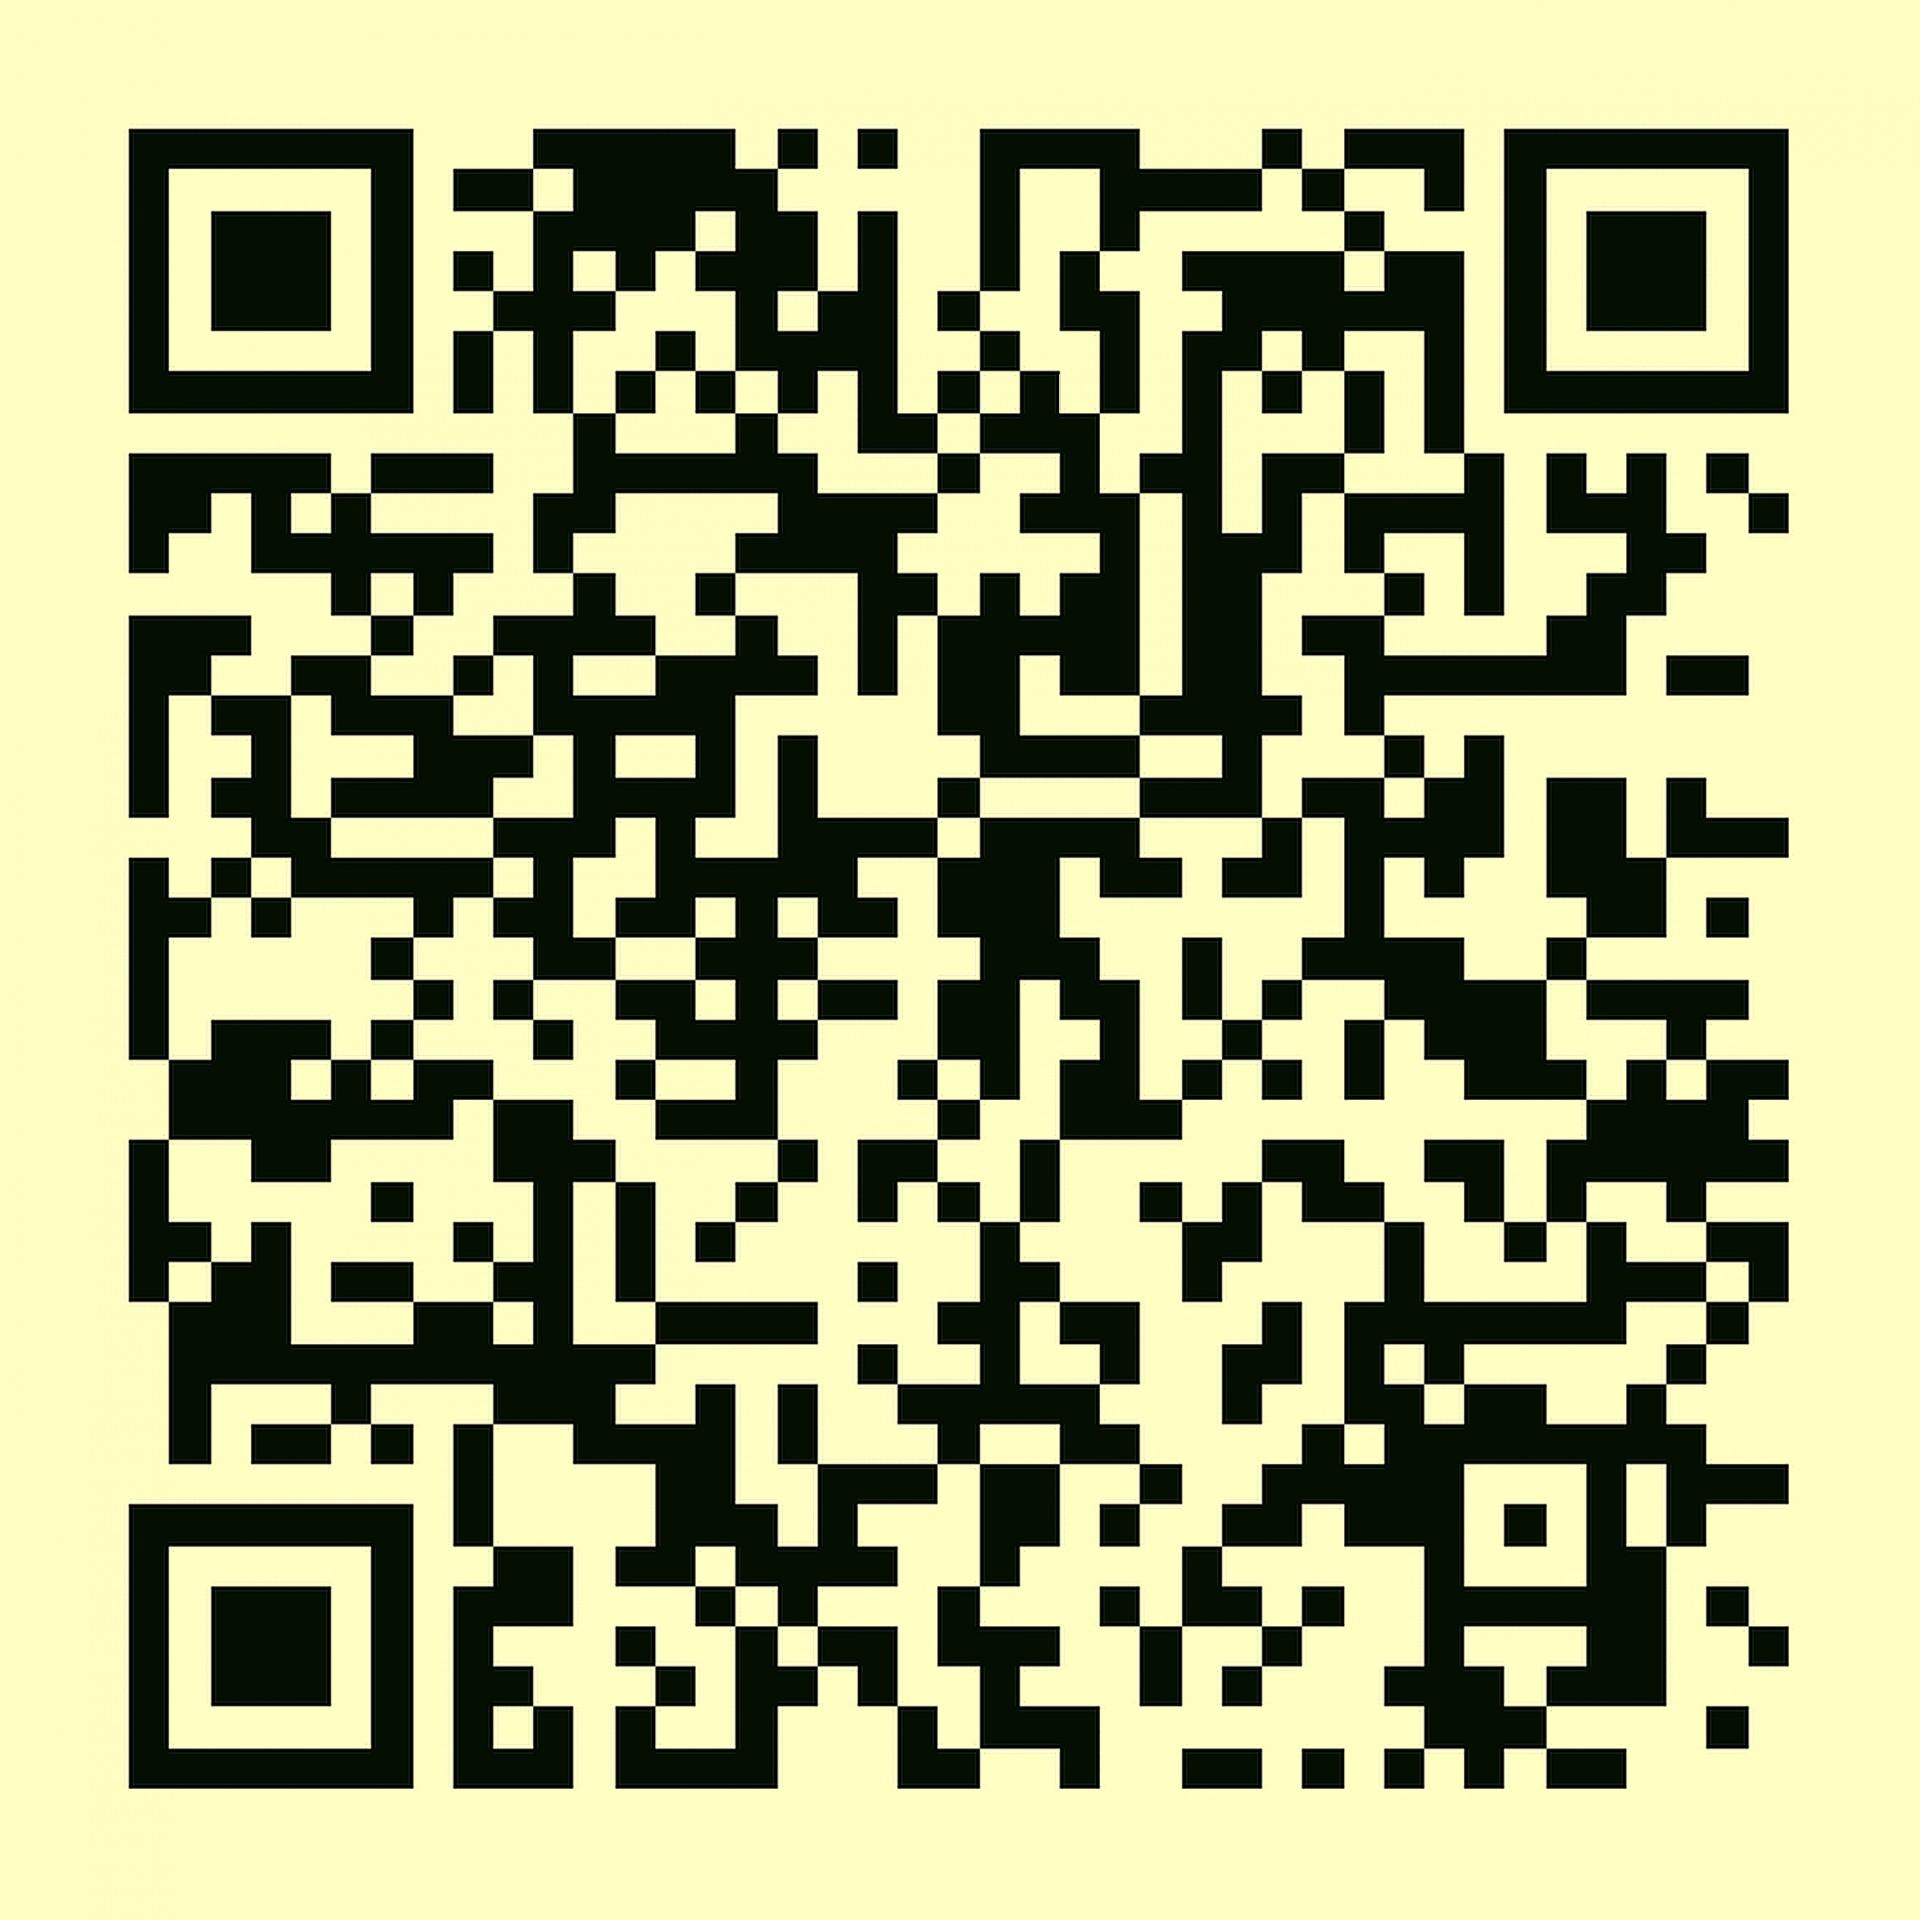 qr-code-1377119892v4f